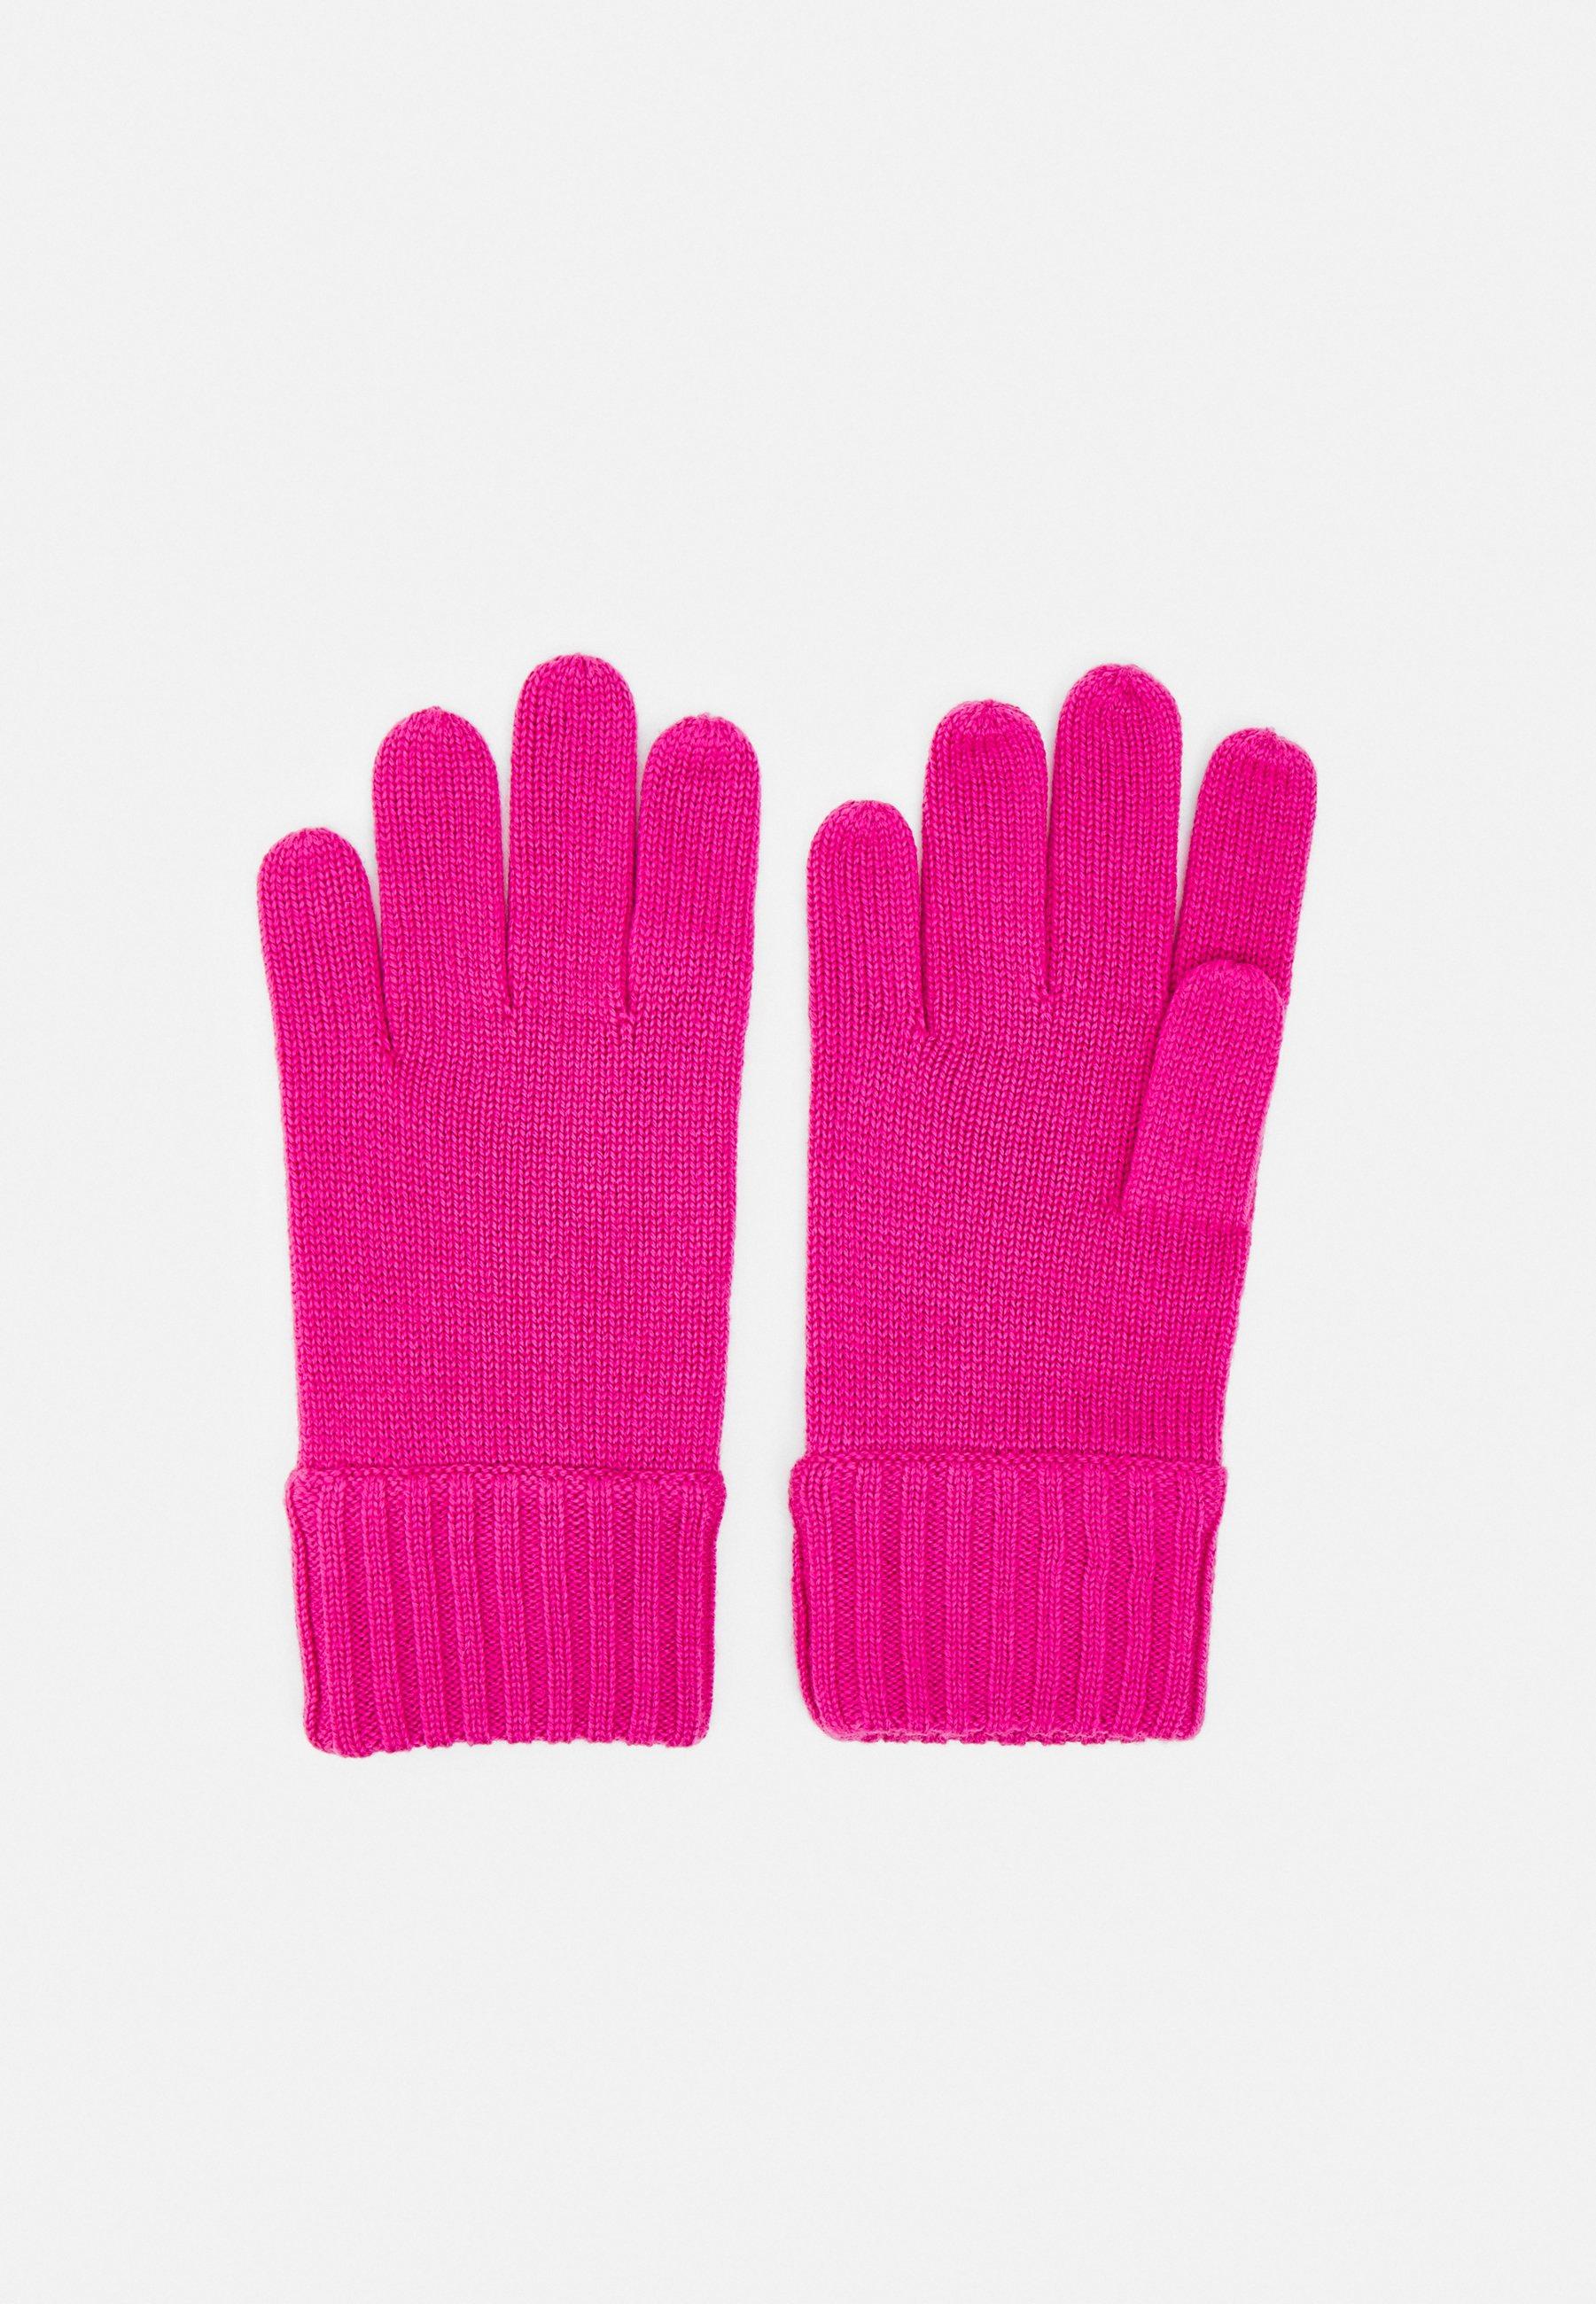 Kids APPAREL ACCESSORIES GLOVE UNISEX - Gloves